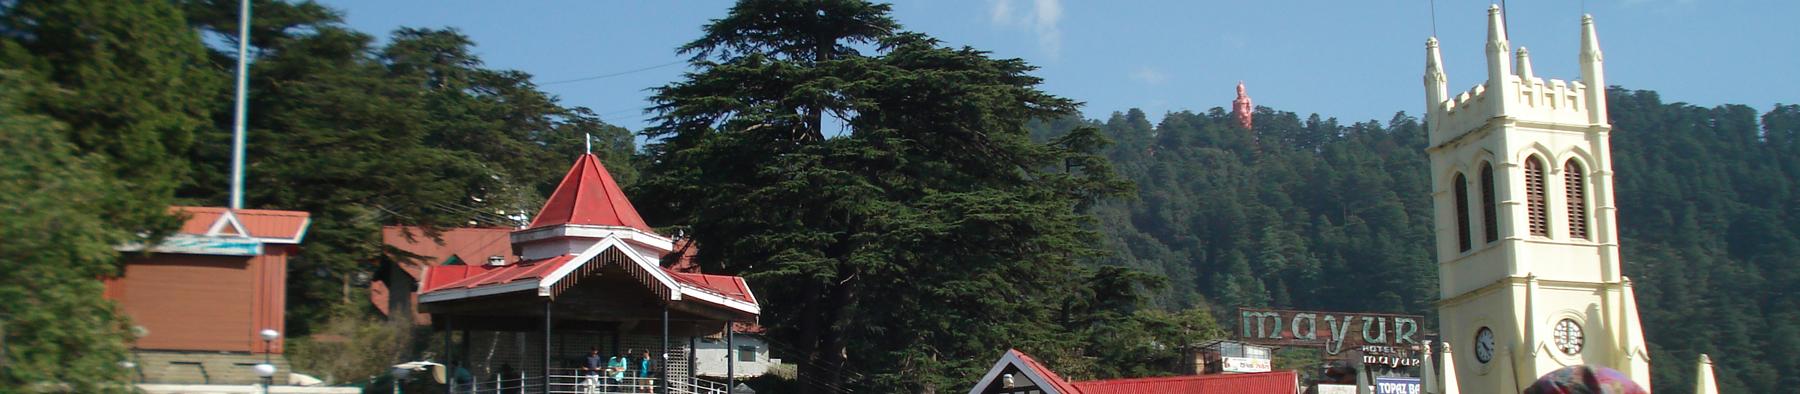 Shimla Honeymoon Special